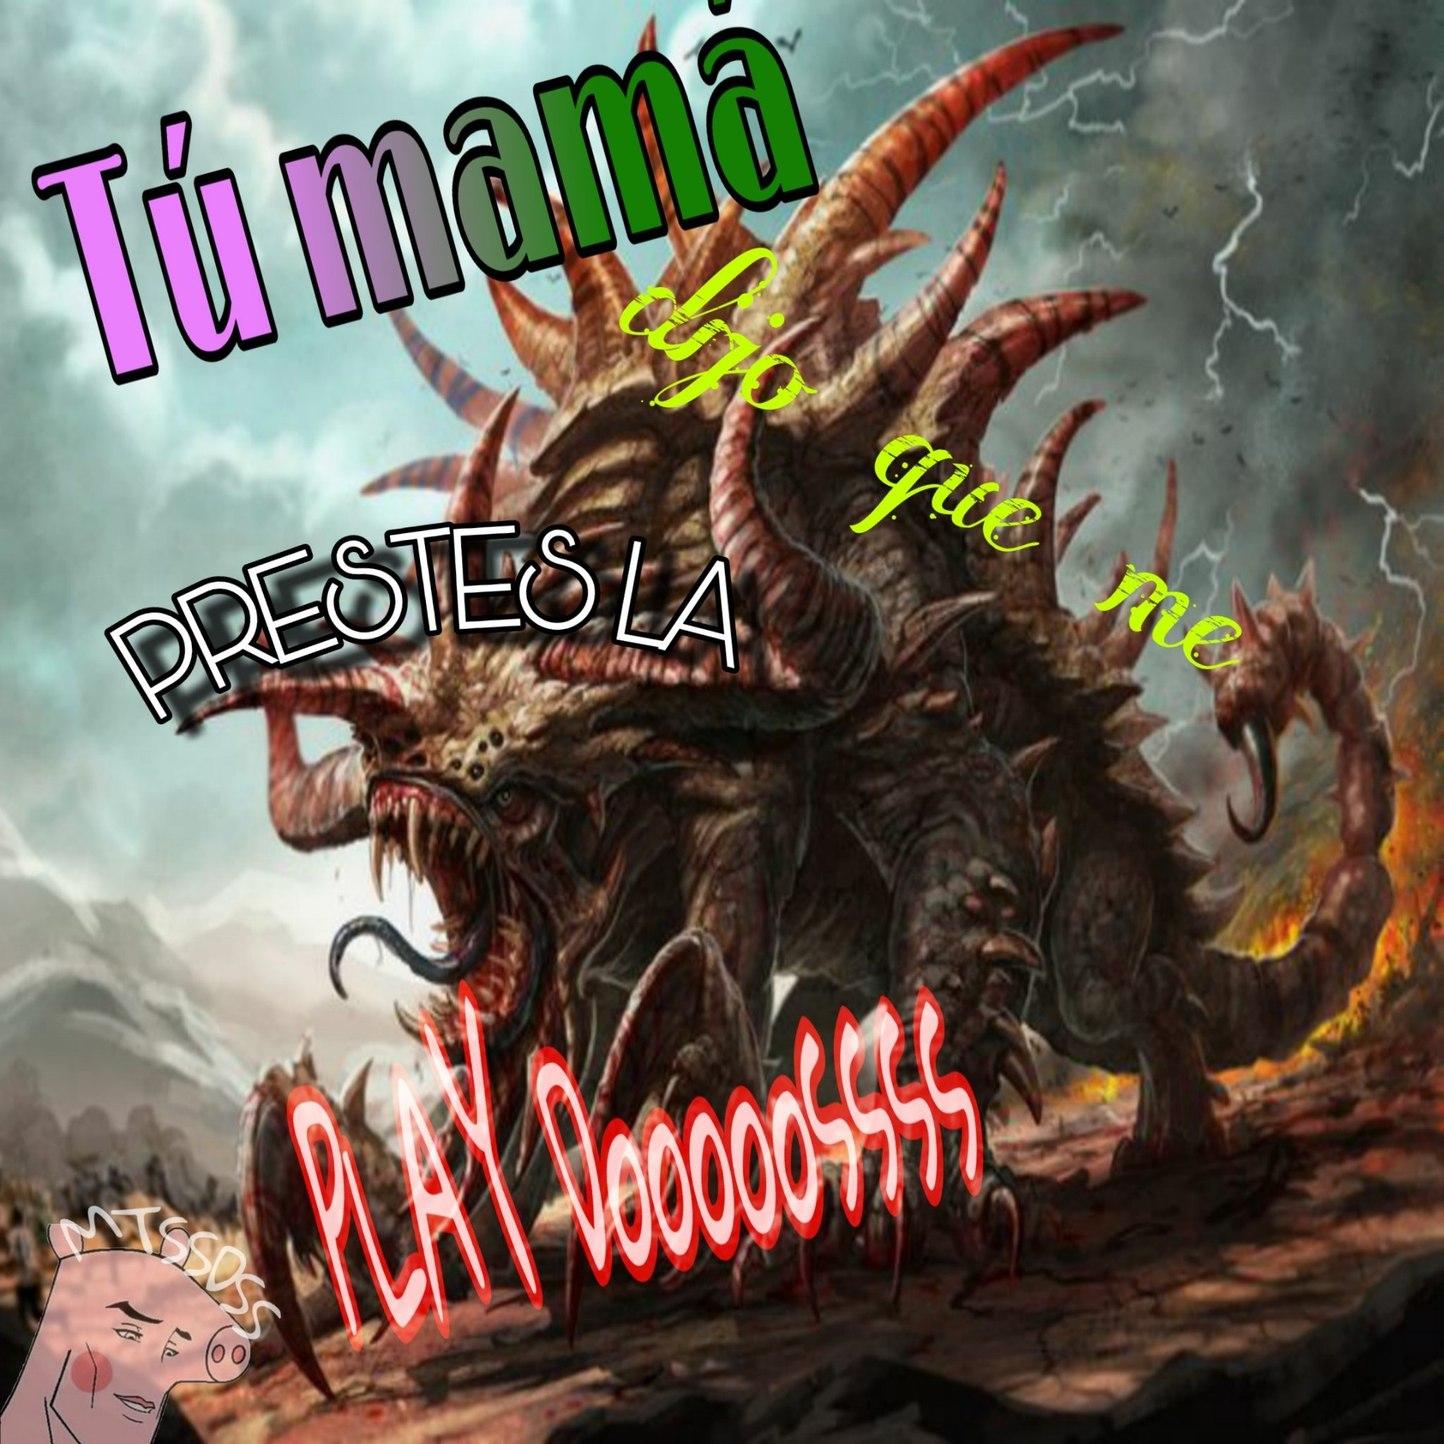 Primooooooo - meme